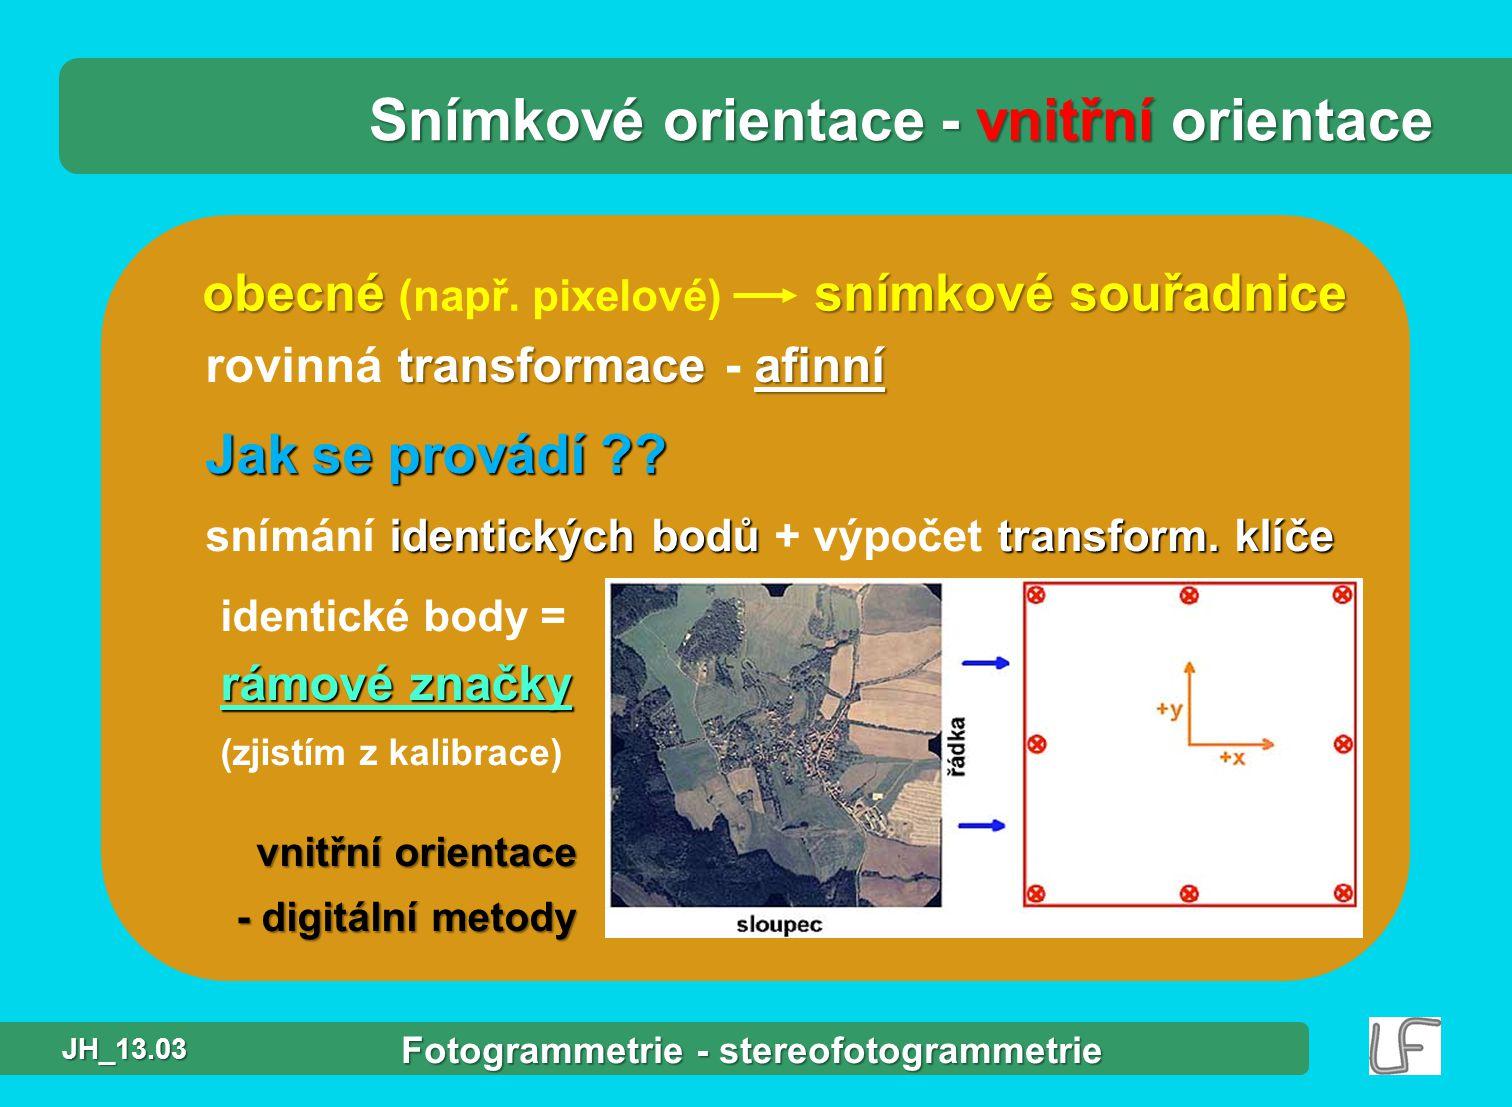 Snímkové orientace - vnitřní orientace